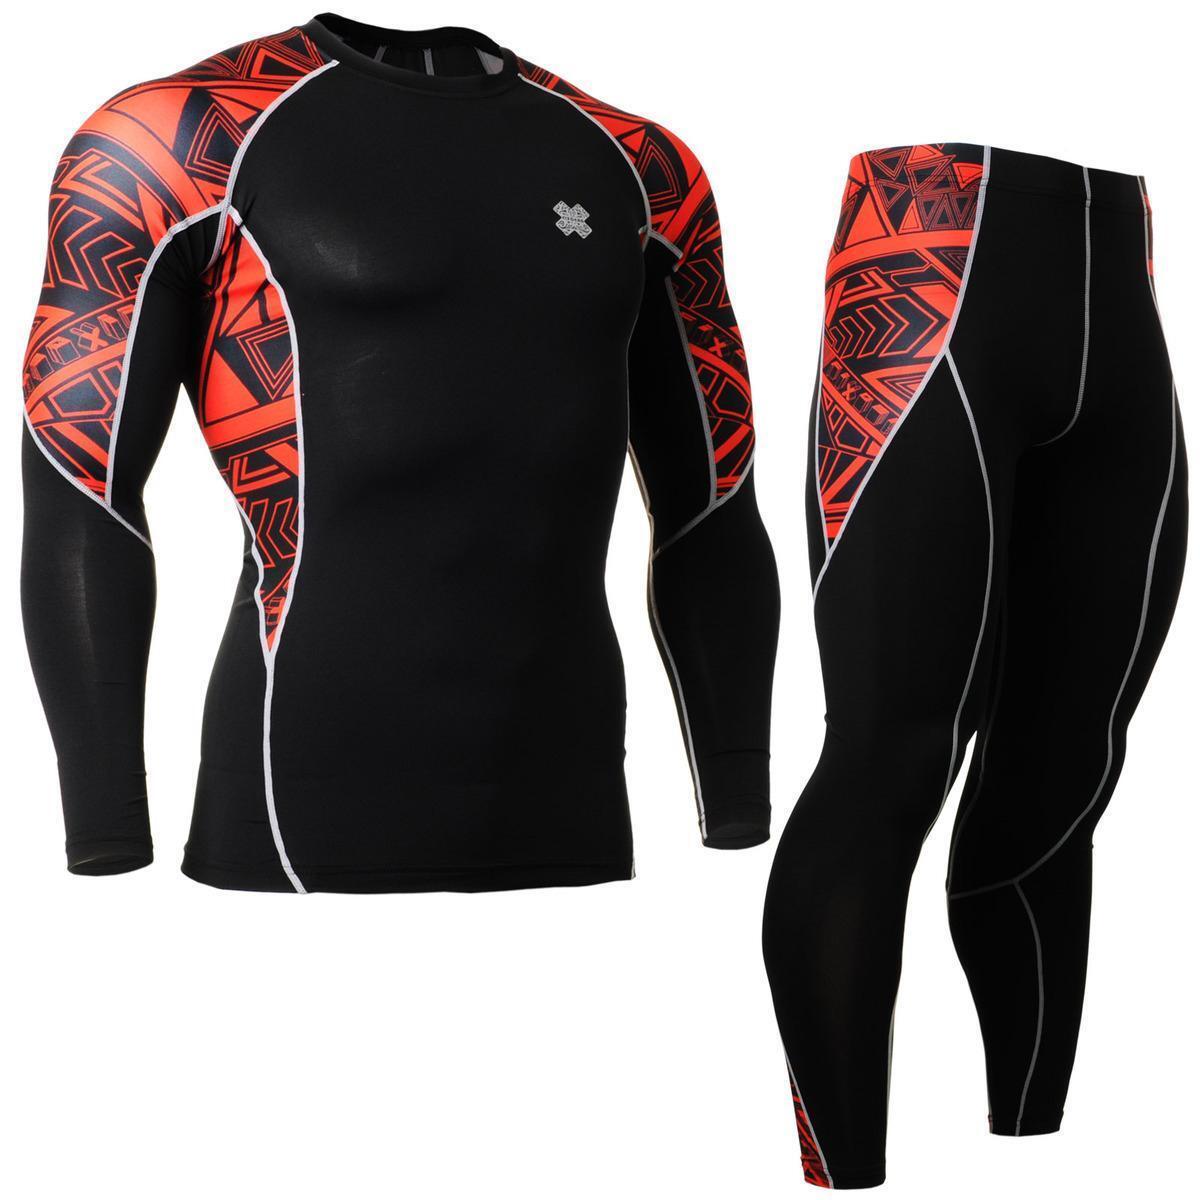 FIXGEAR C2L/P2L-B2 Compression Shirts & Pants Set Sportswear MMA Training Gym